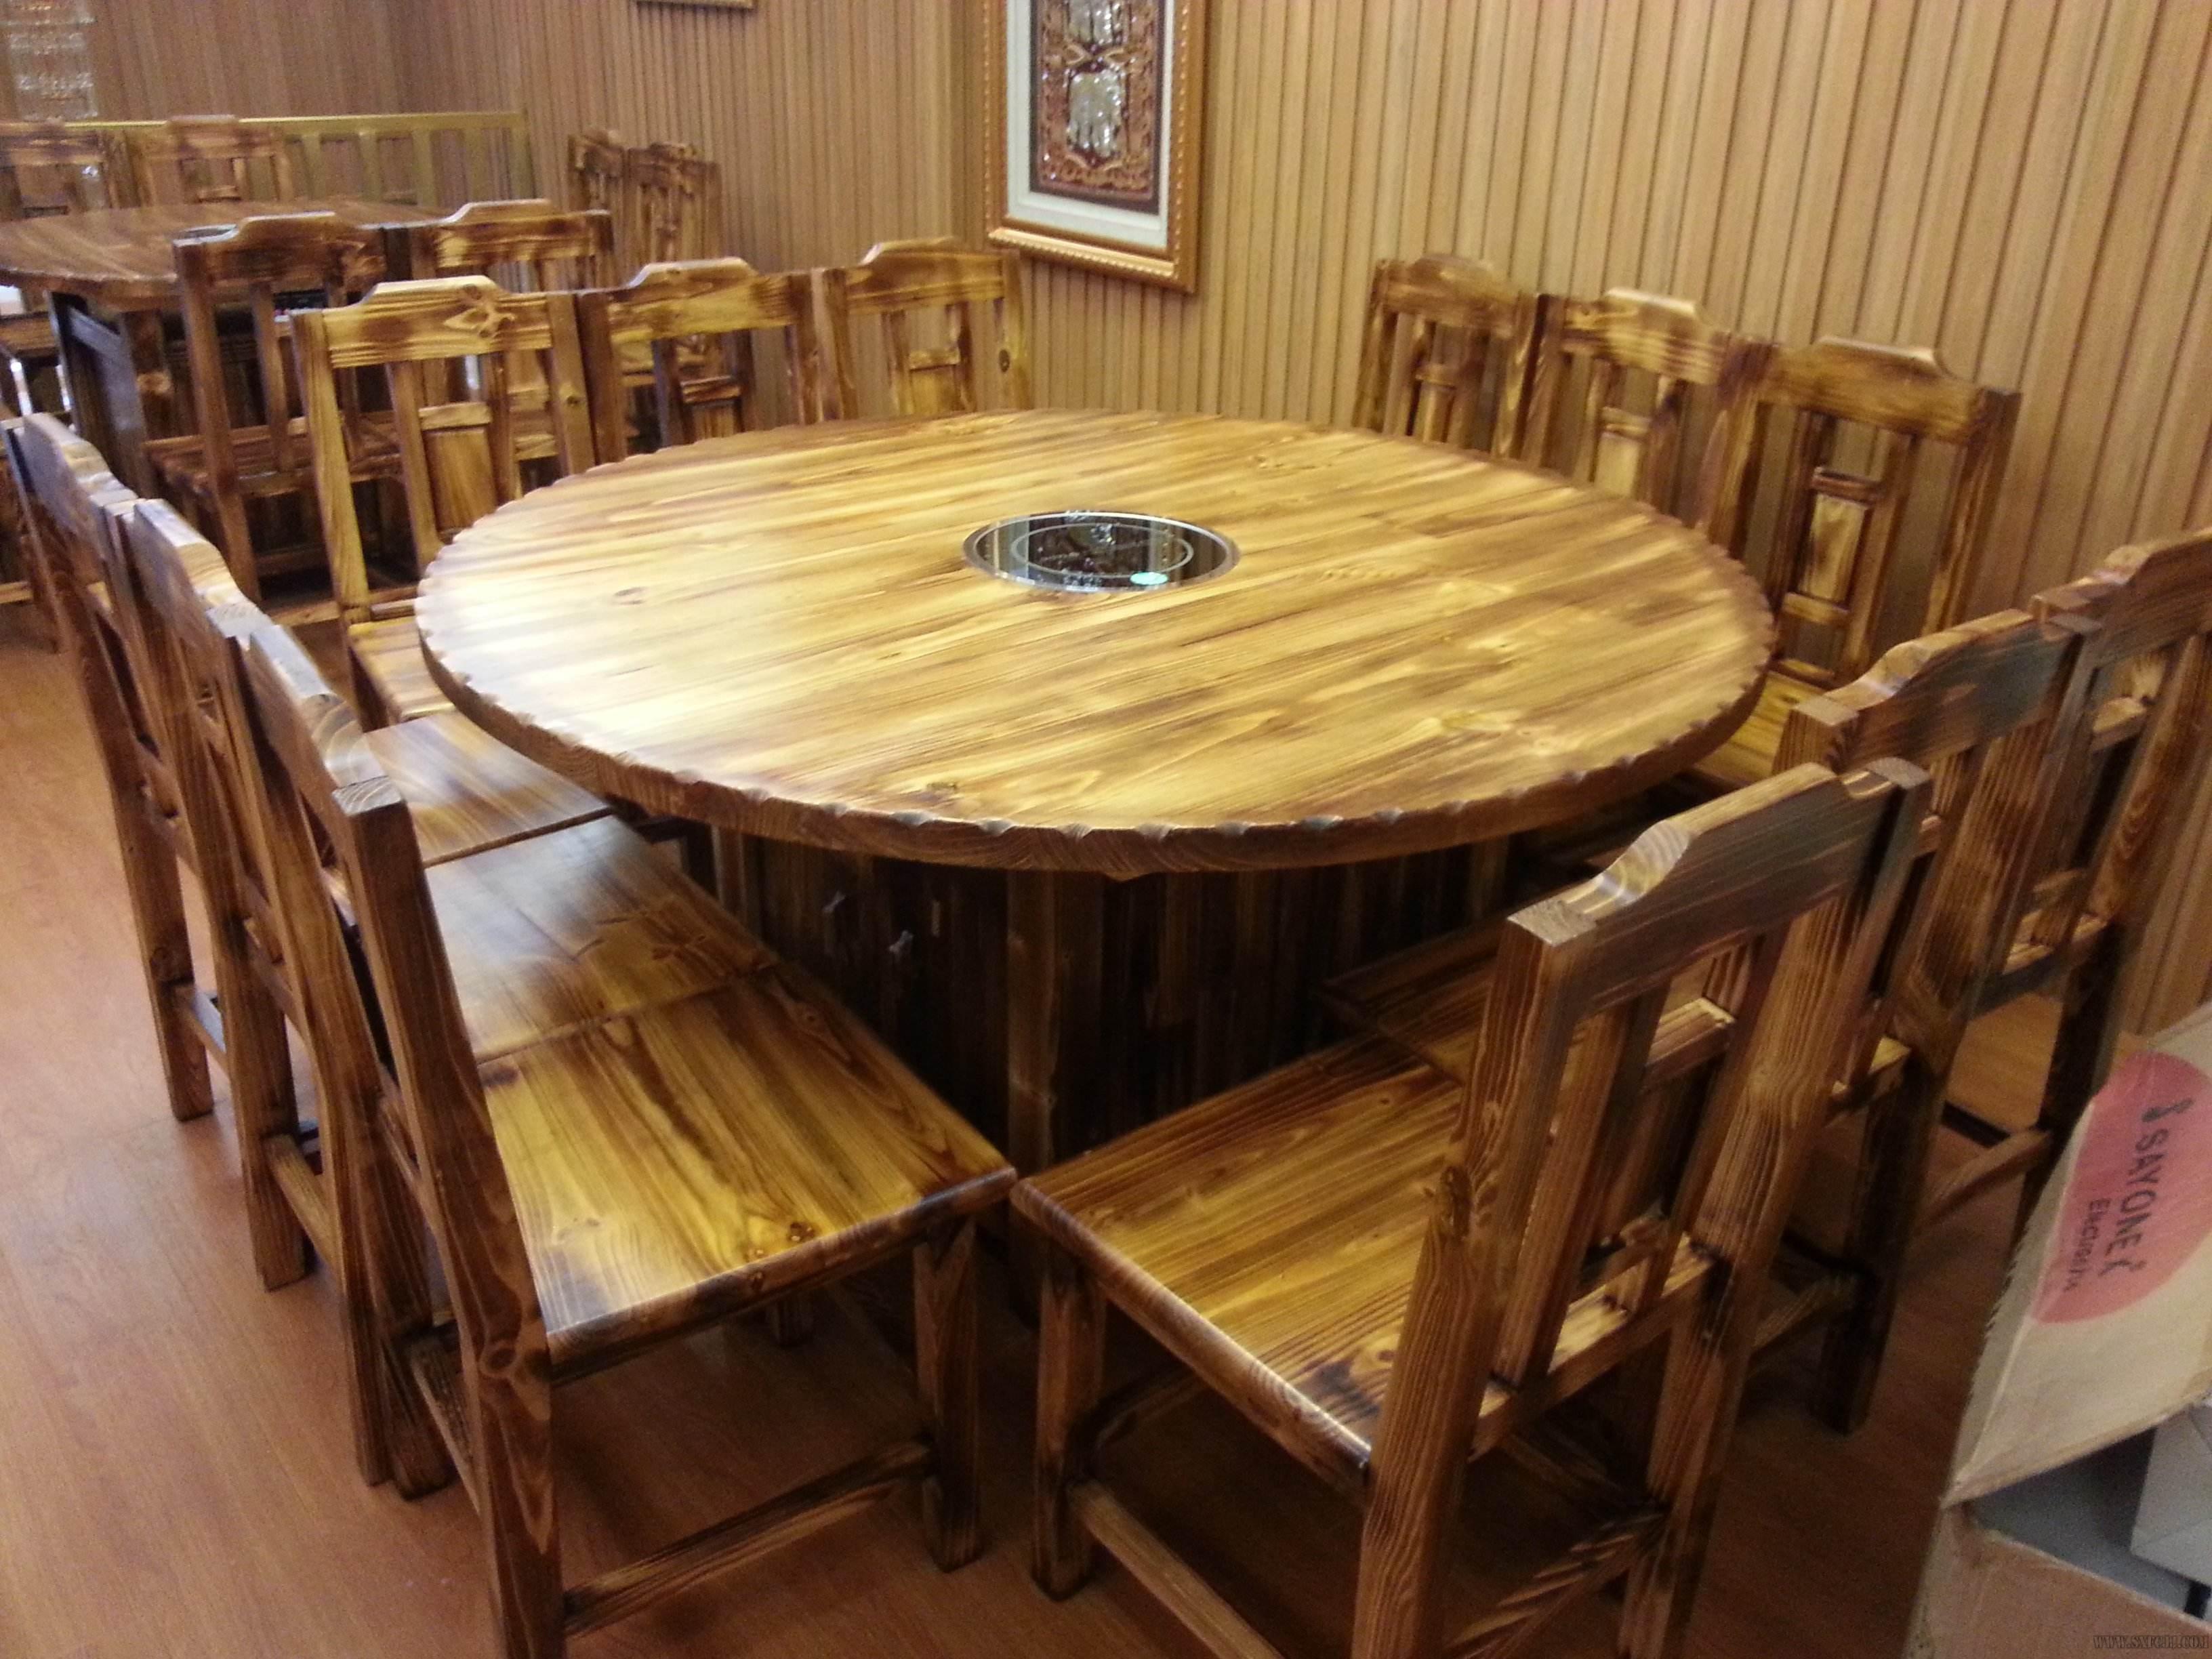 火锅店桌子怎样连接电路